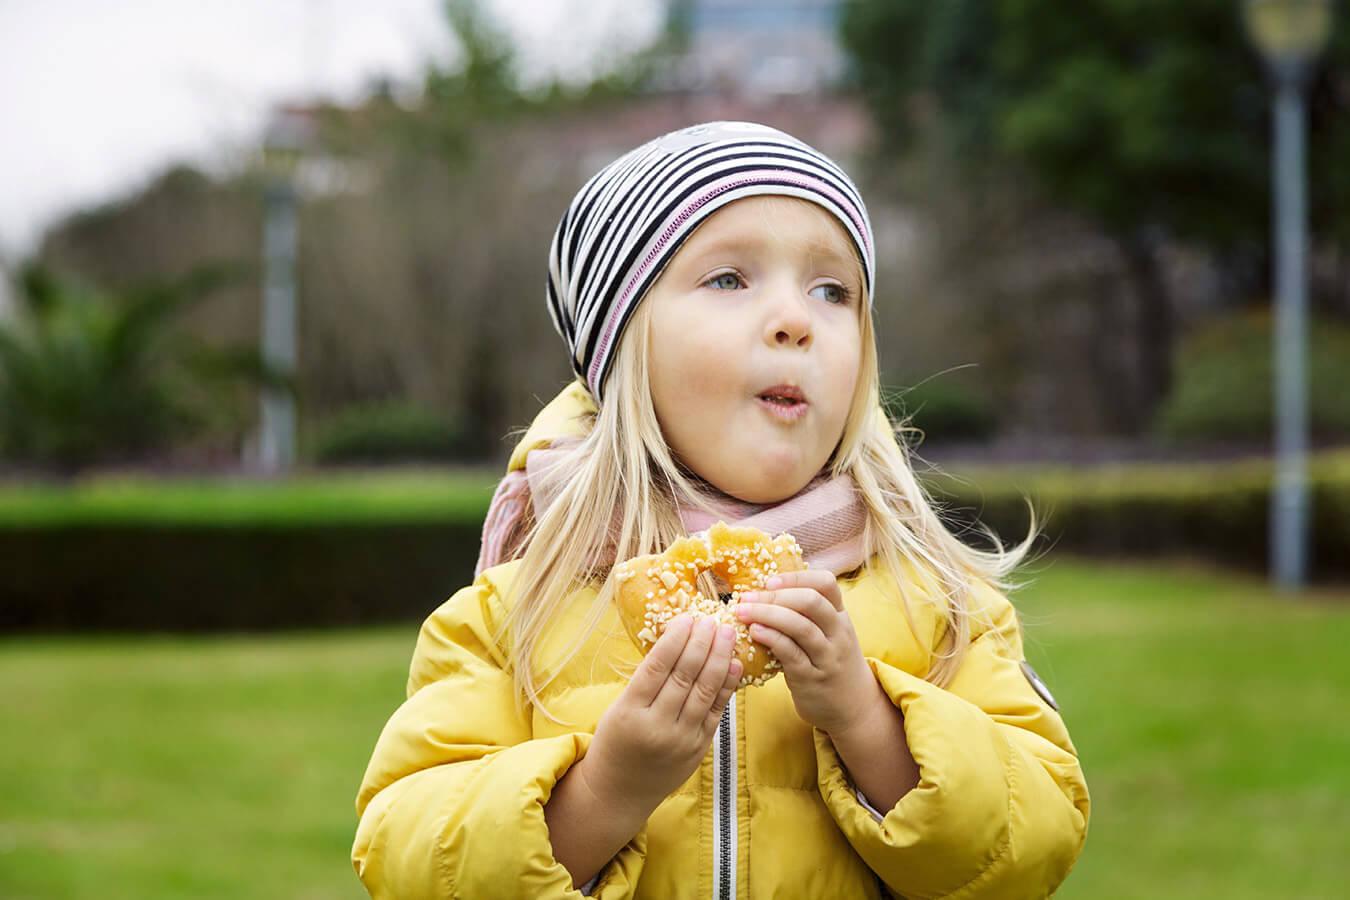 Waga i wzrost 3 latka – Ile waży i mierzy 3 letnie dziecko? [plus rozmiar buta]